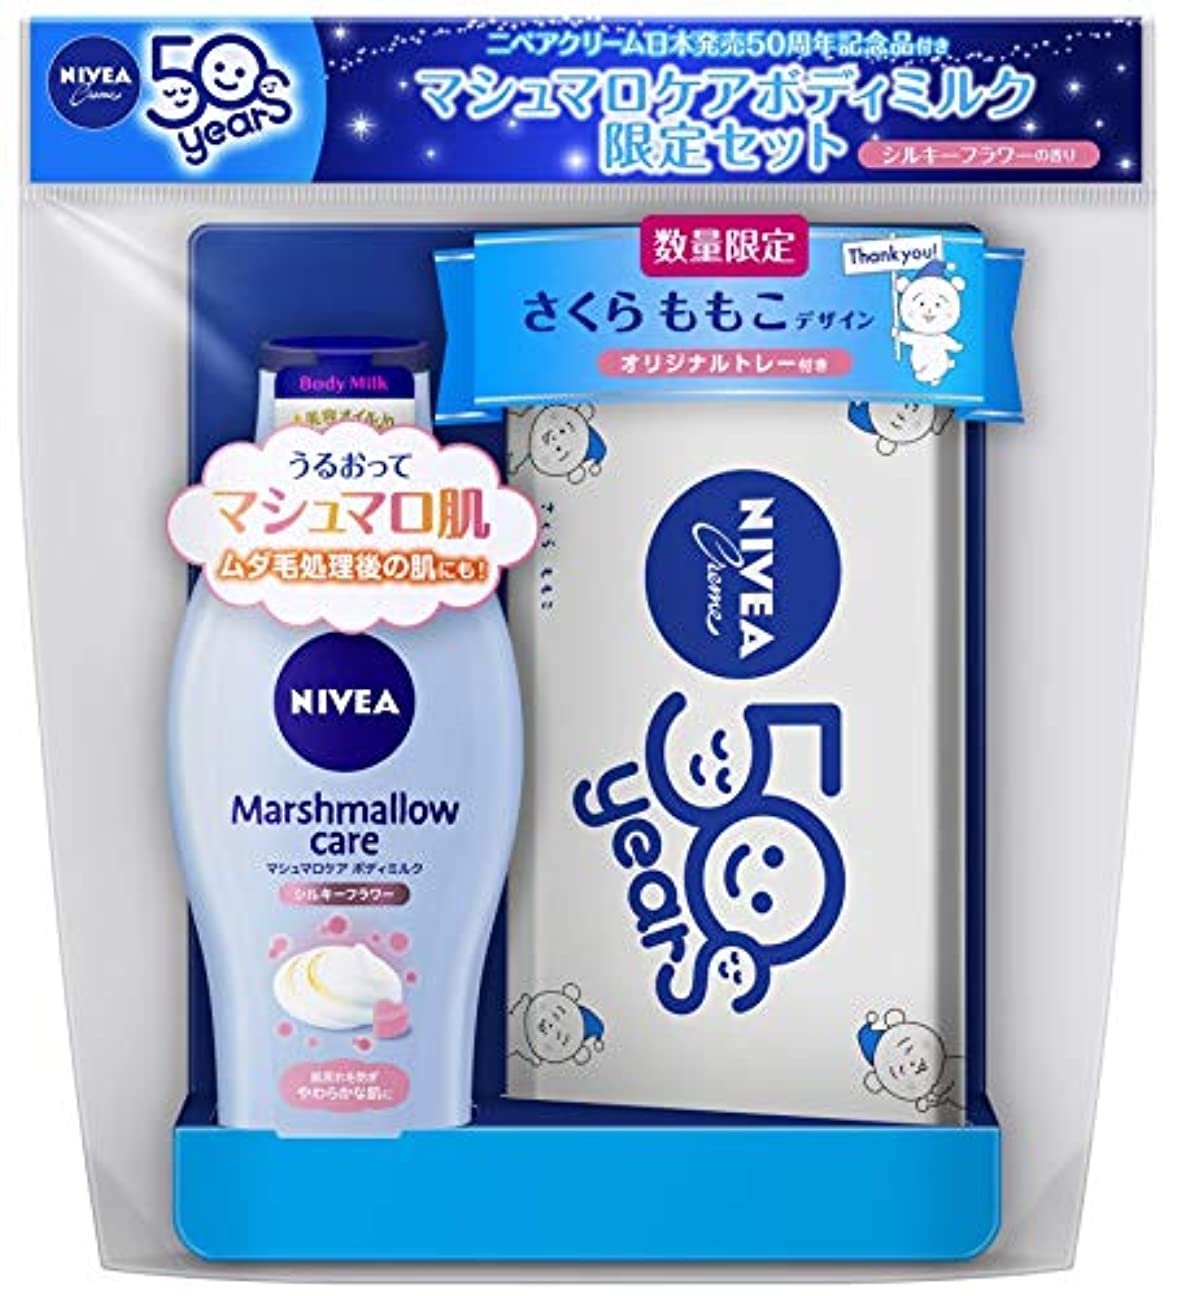 放射するオーナー変形【数量限定】ニベア マシュマロケアボディミルク シルキーフラワーの香り+さくらももこデザインオリジナルトレー付き